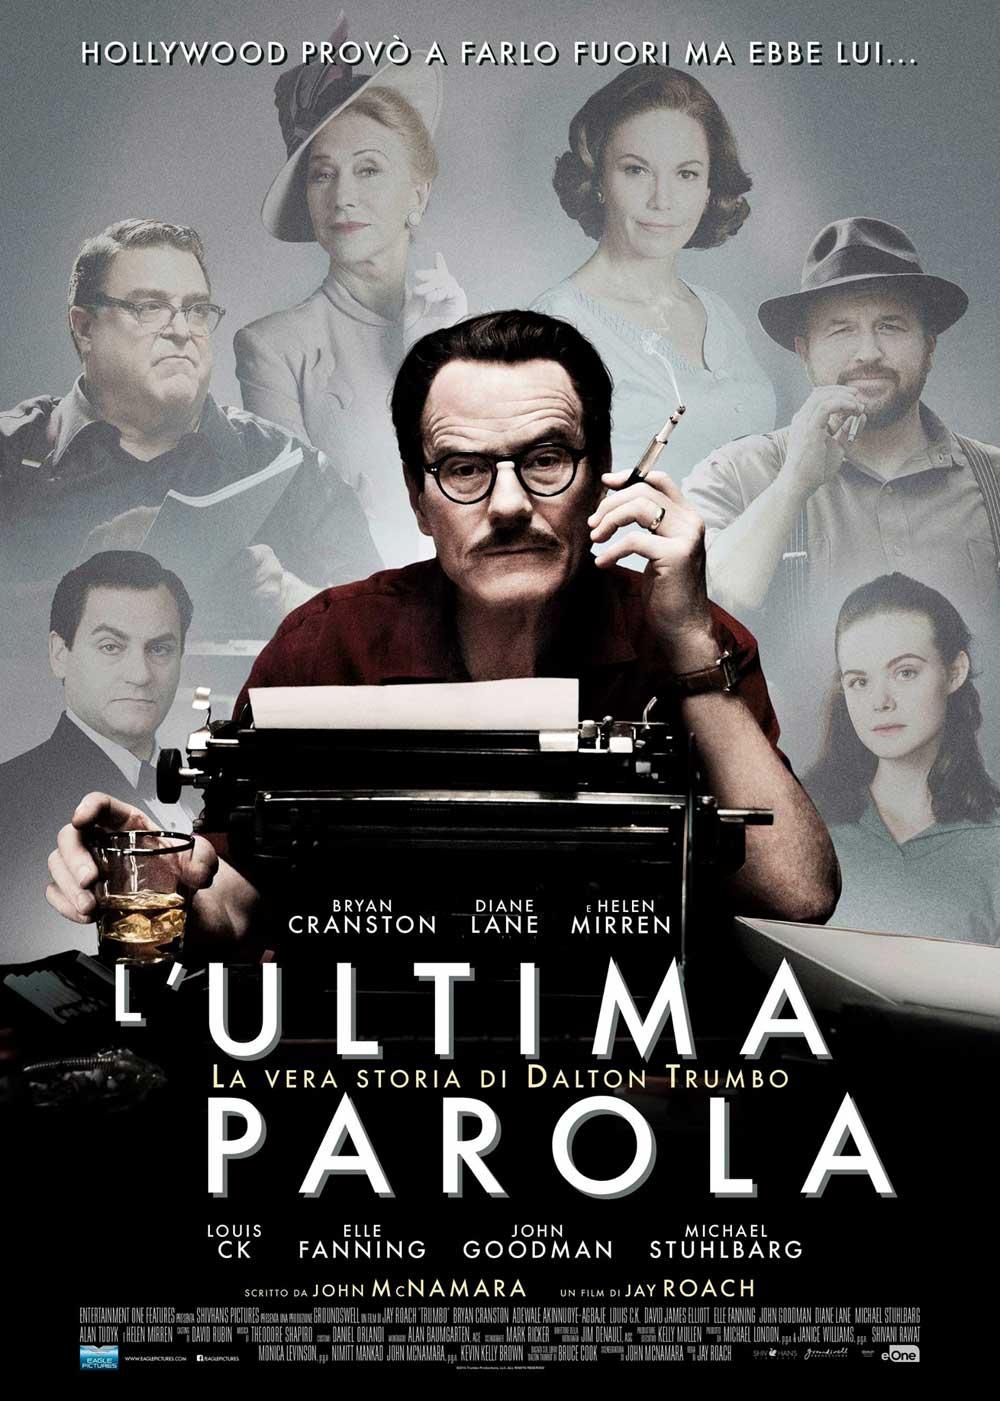 L'ULTIMA PAROLA - LA VERA STORIA DI DALTON TRUMBO (DVD)